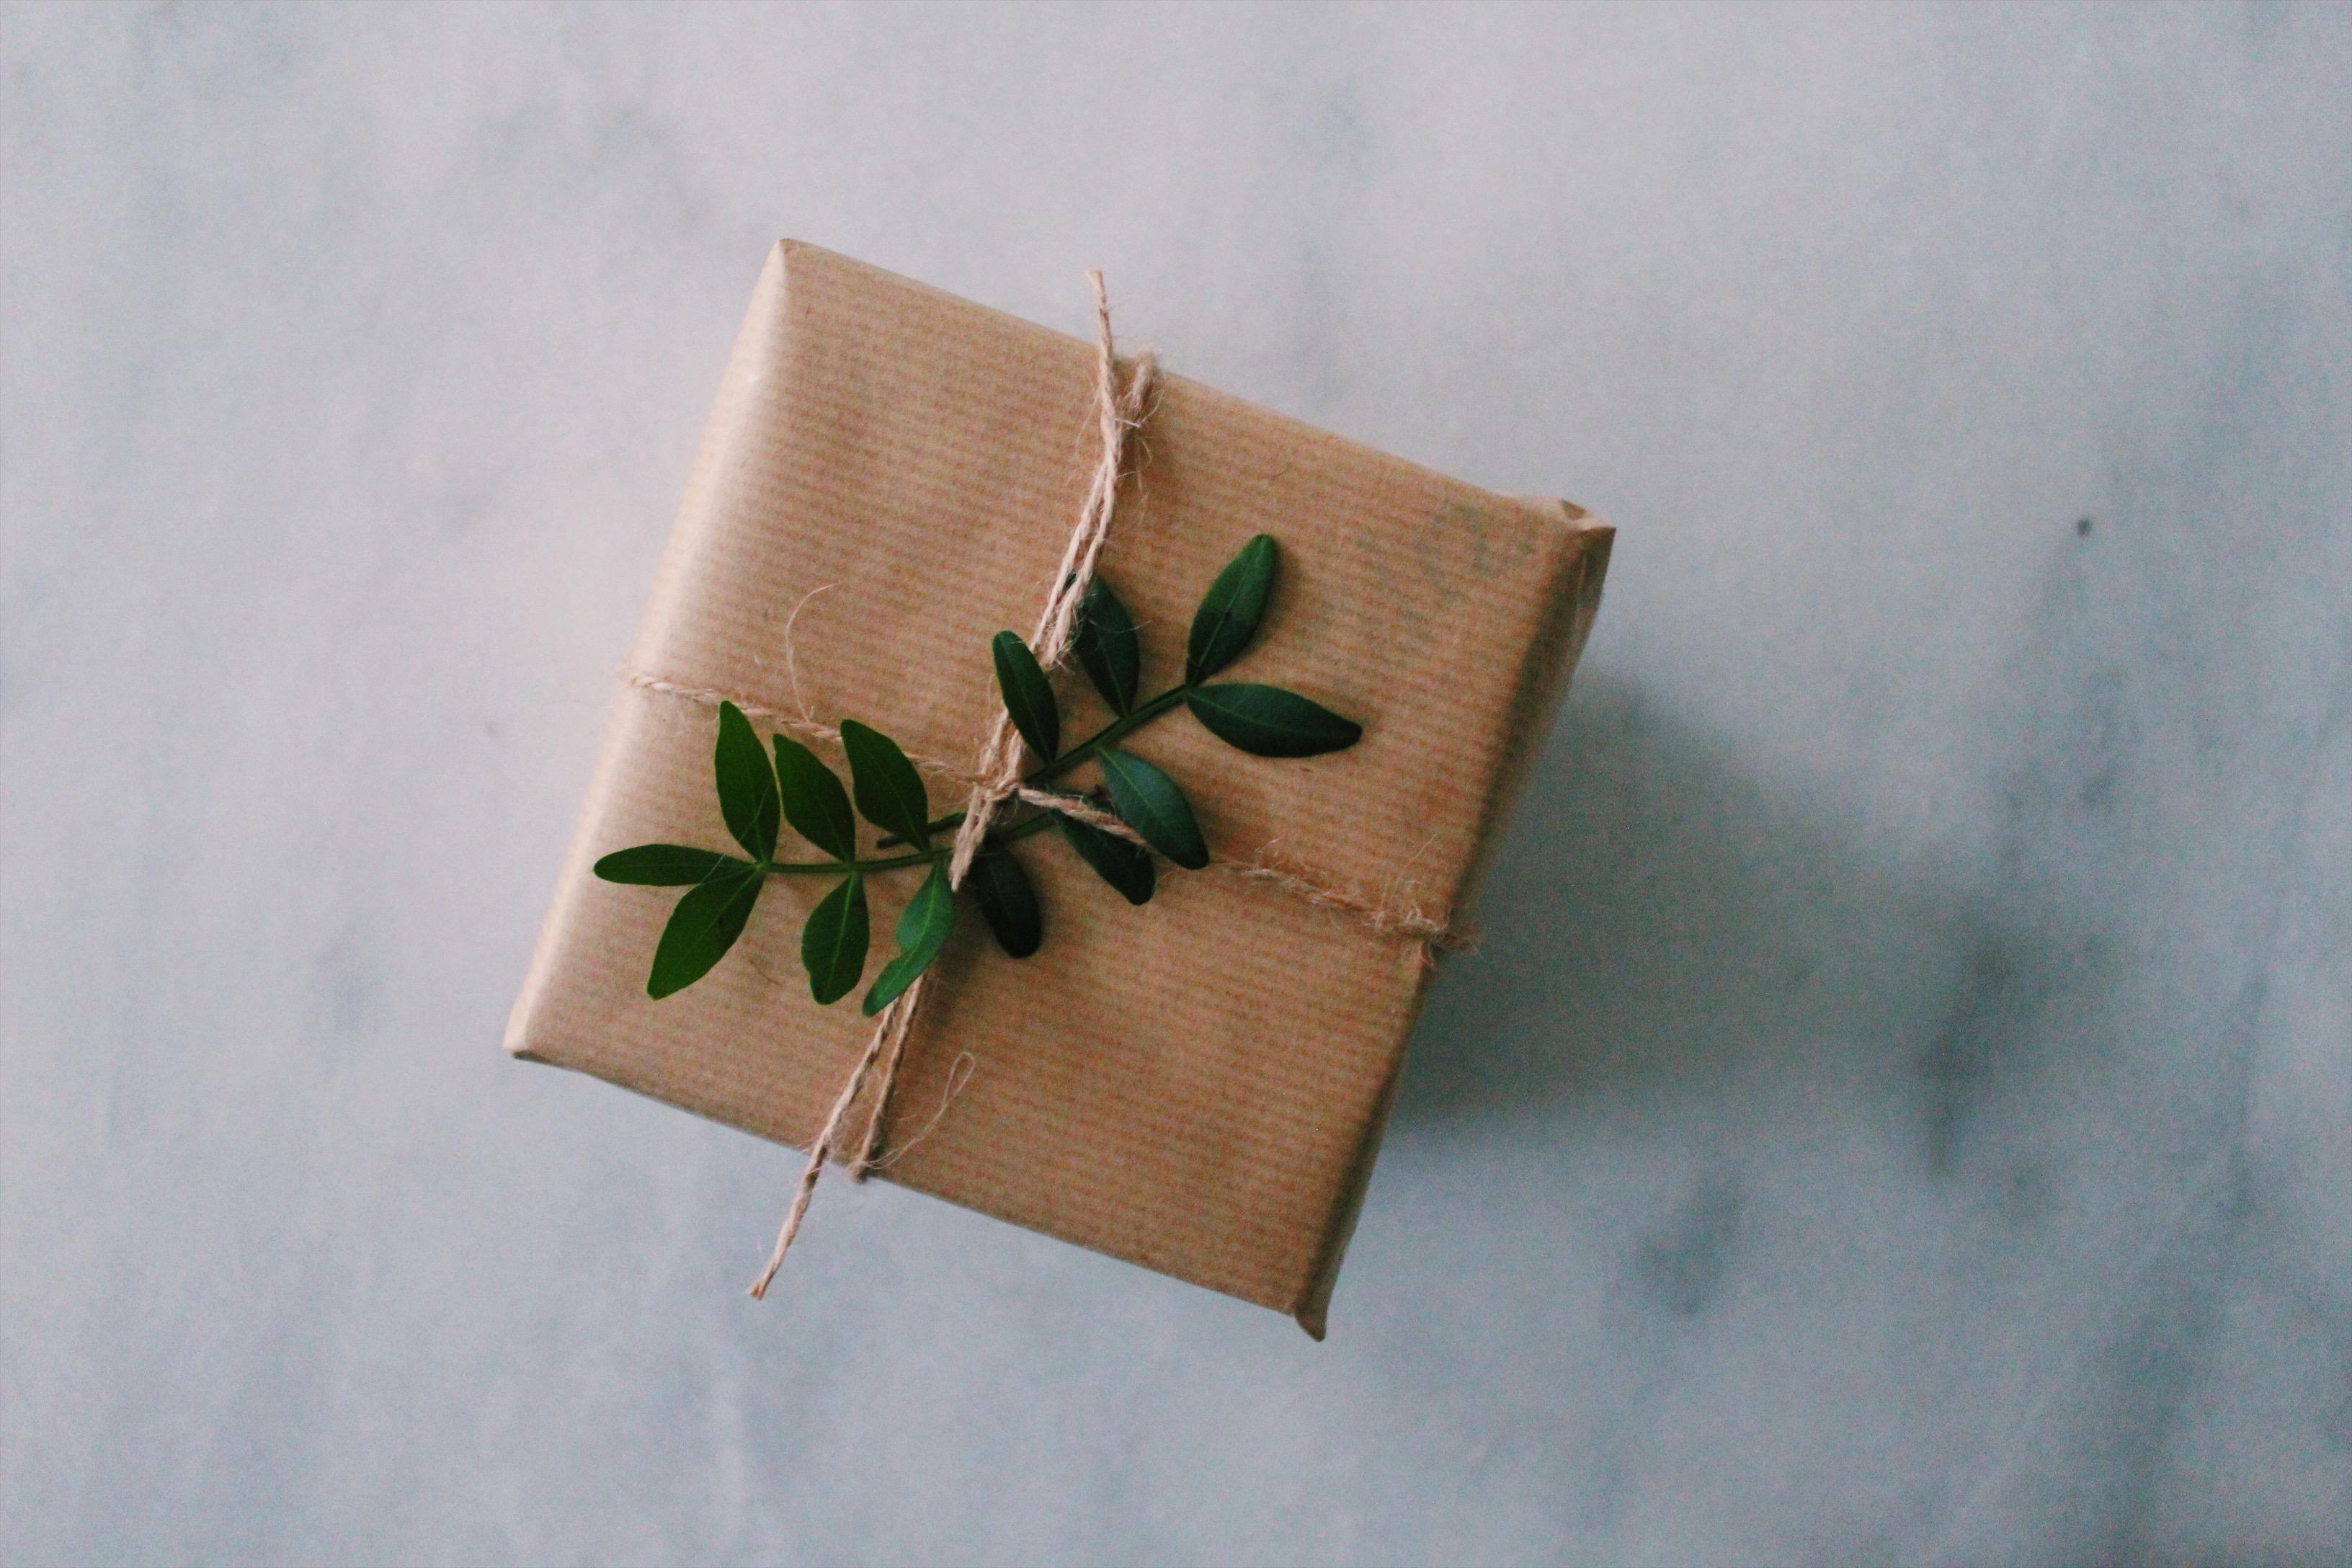 cadeau gift verjaardag